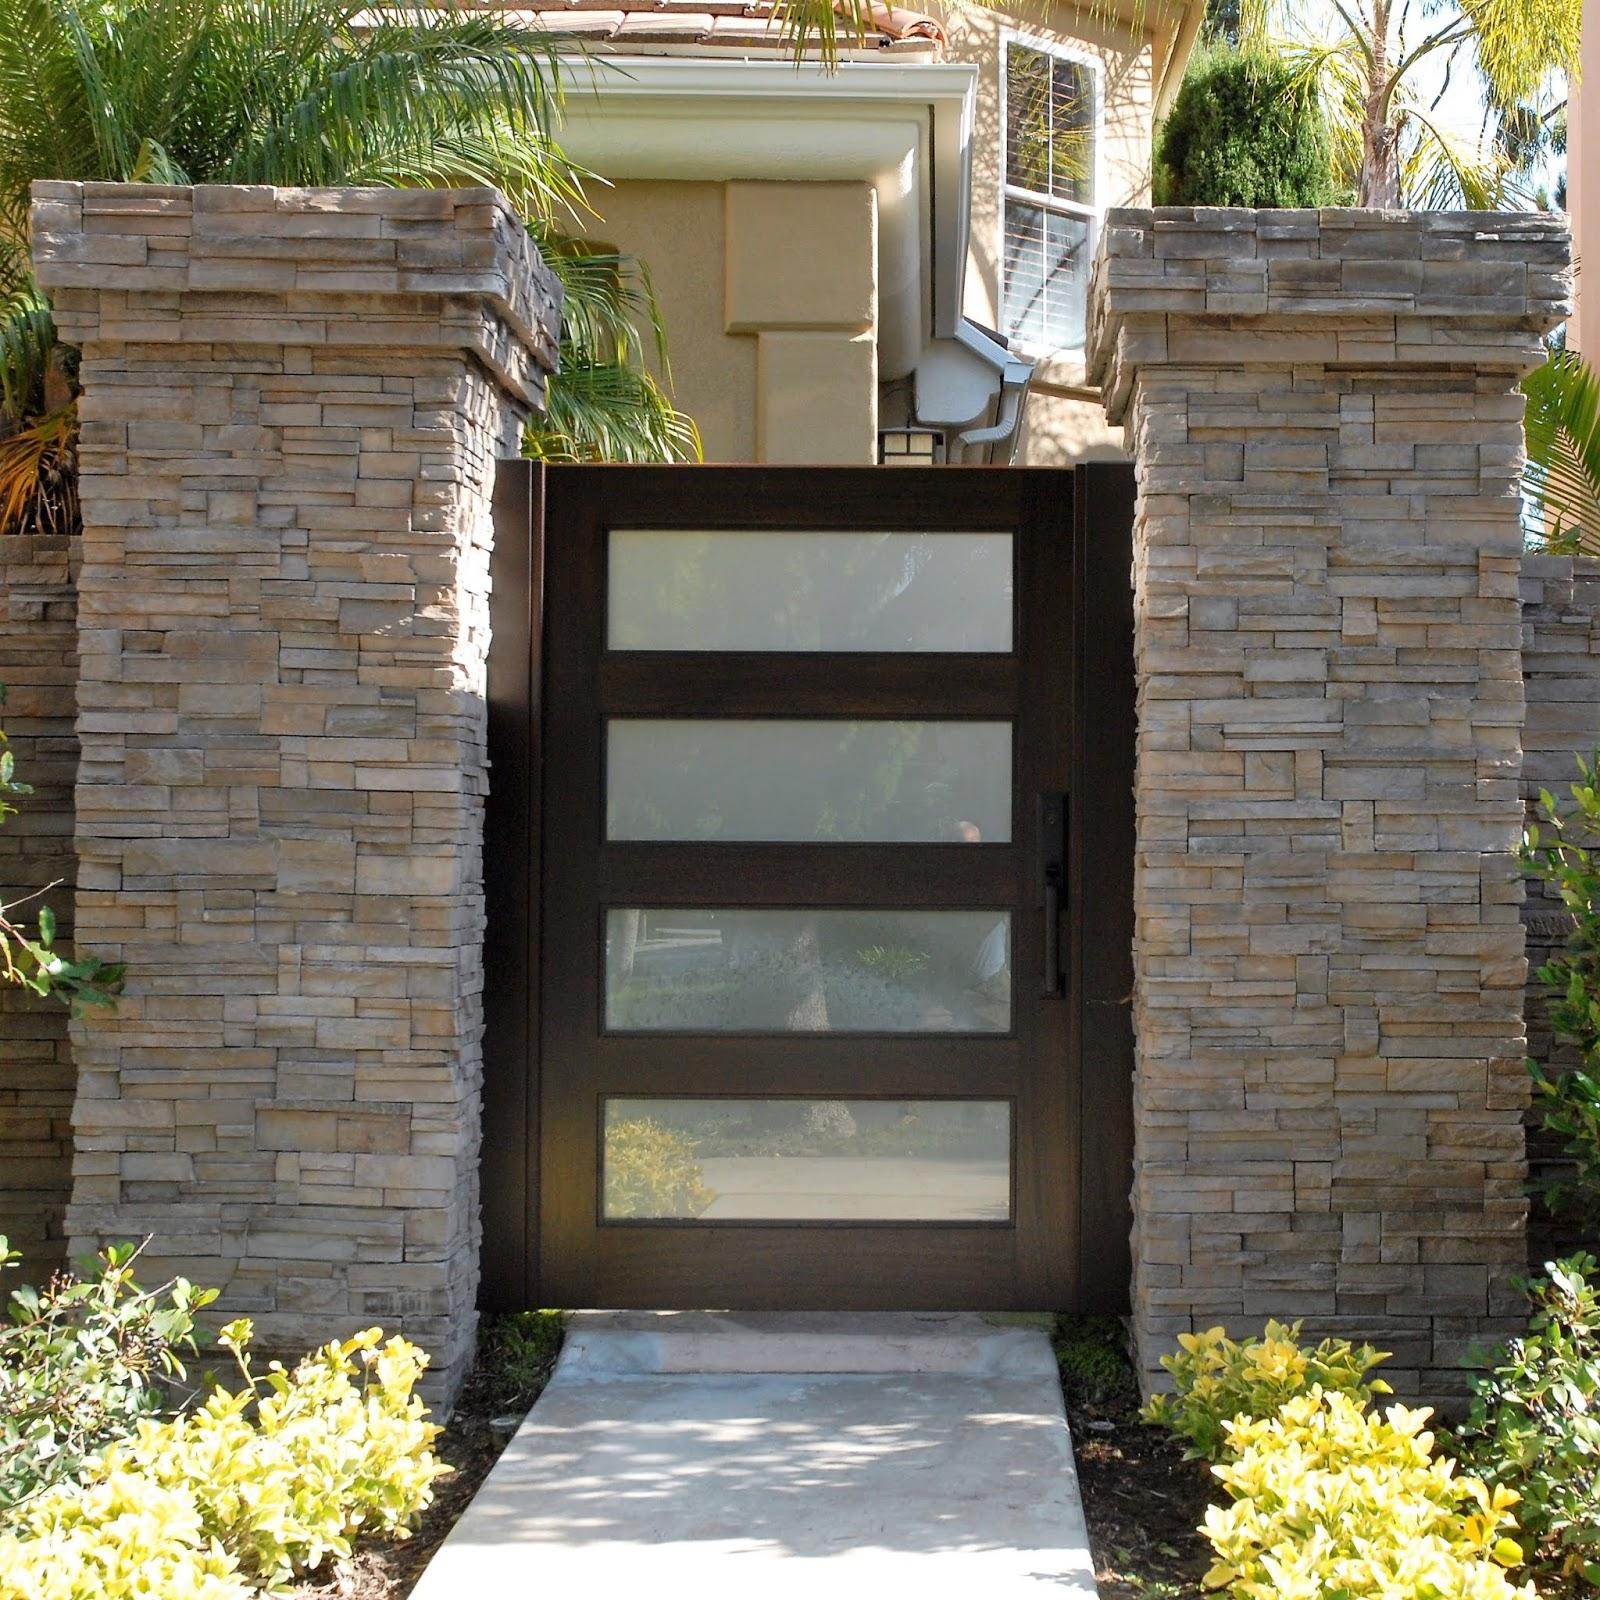 50 Desain Pintu Taman Yang Simple Dan Modern Rumahku Unik